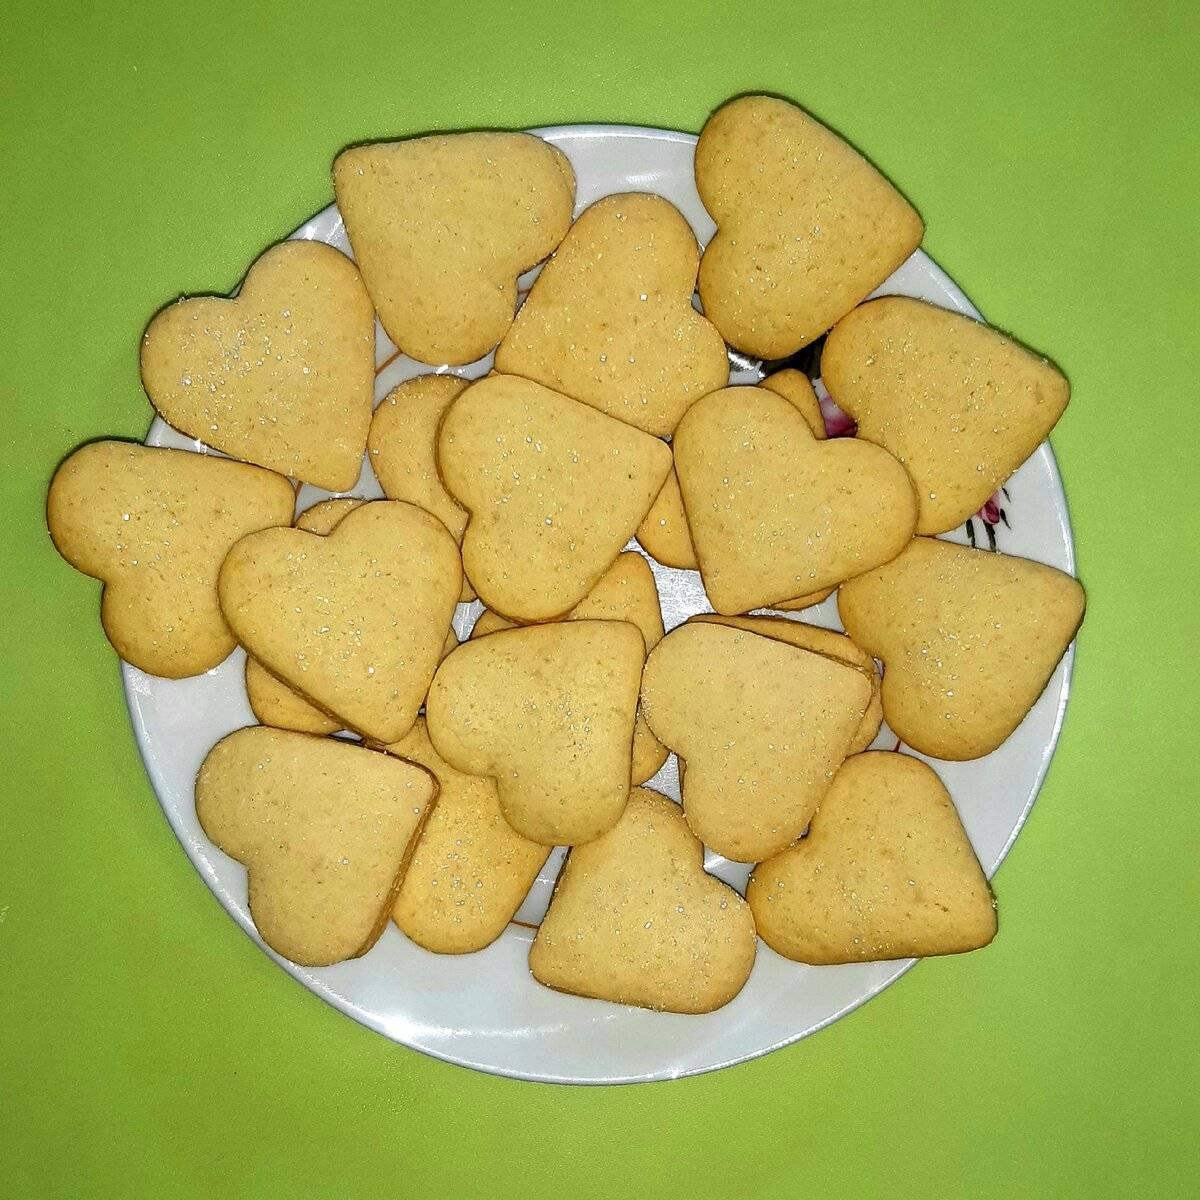 Как приготовить печенье — рецепты приготовления вкусного печенья, просто и быстро, на скорую руку